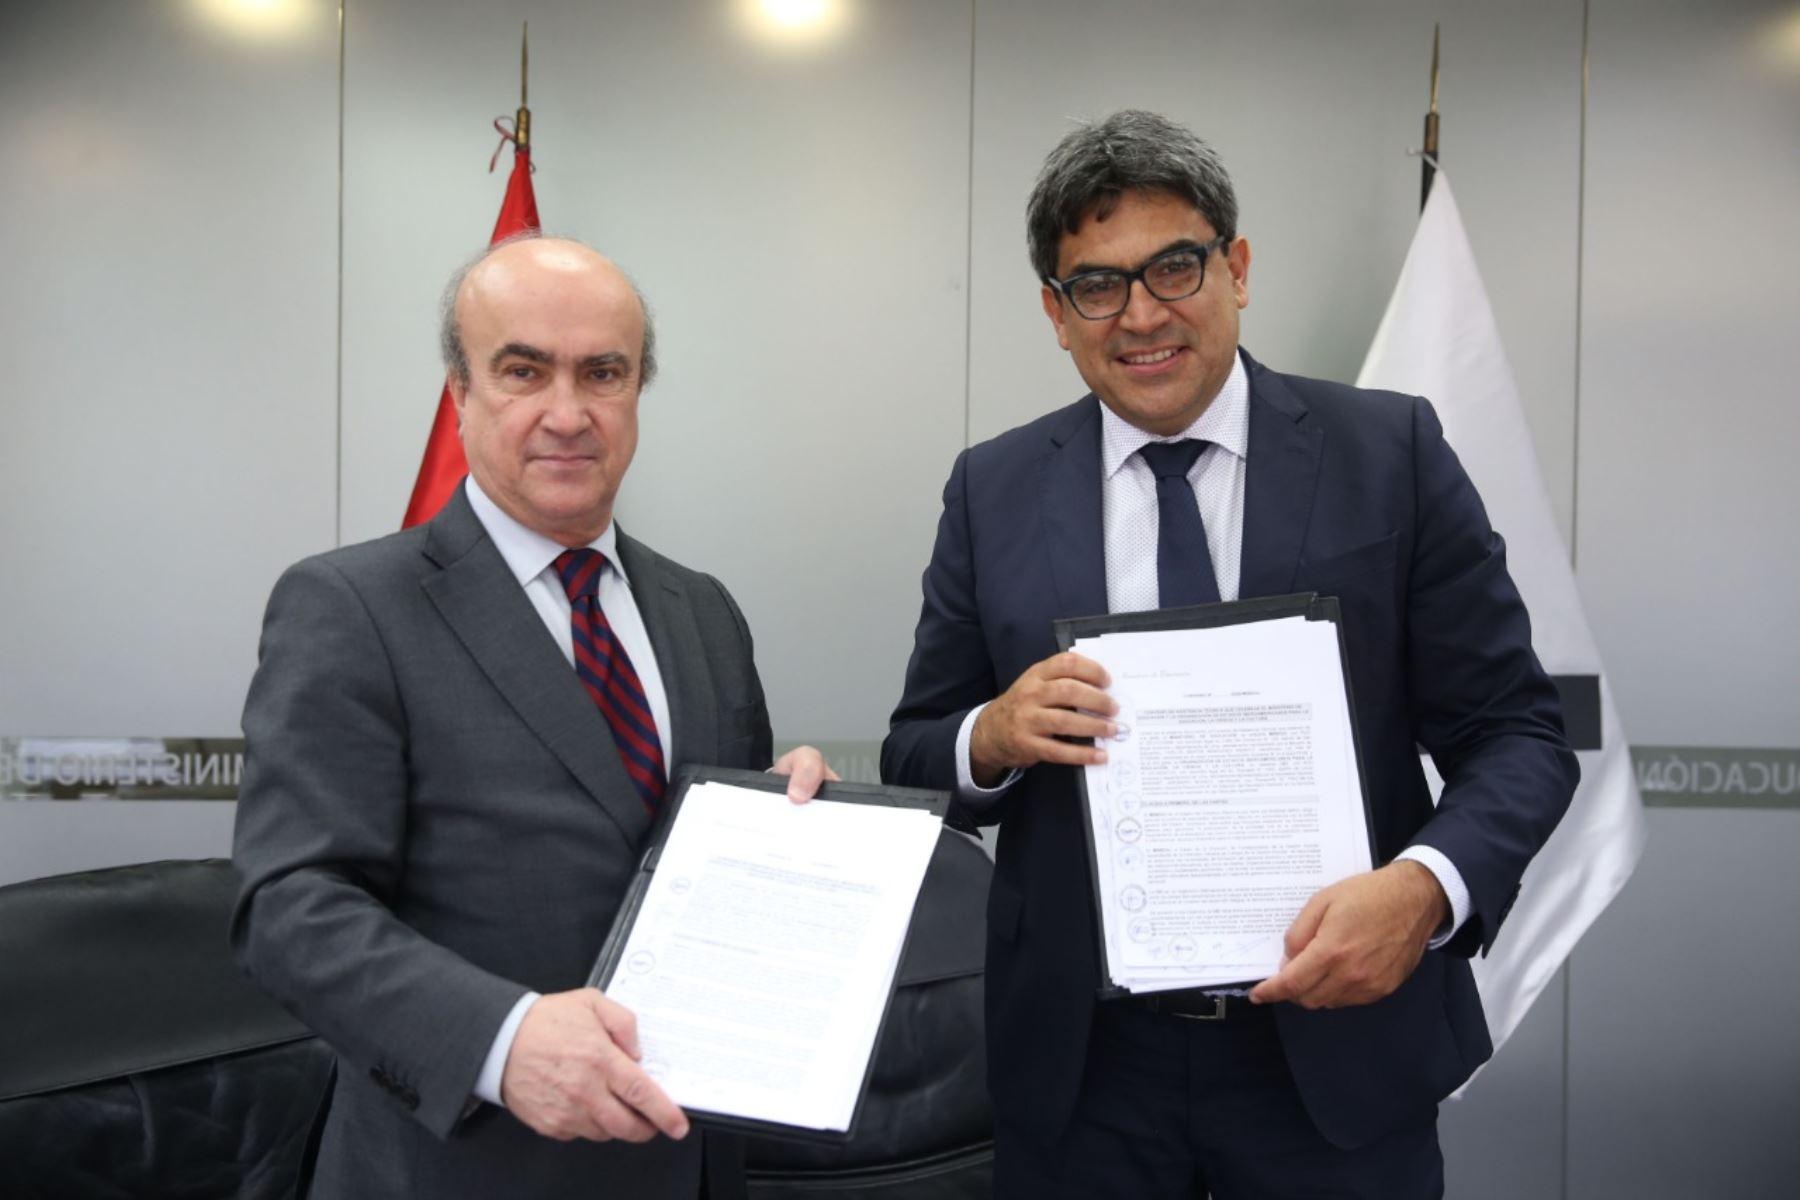 Ministro de Educación, Martín Benavides, y el secretario general de la OEI, Mariano Jabonero, suscribieron convenio.  Foto: Minedu